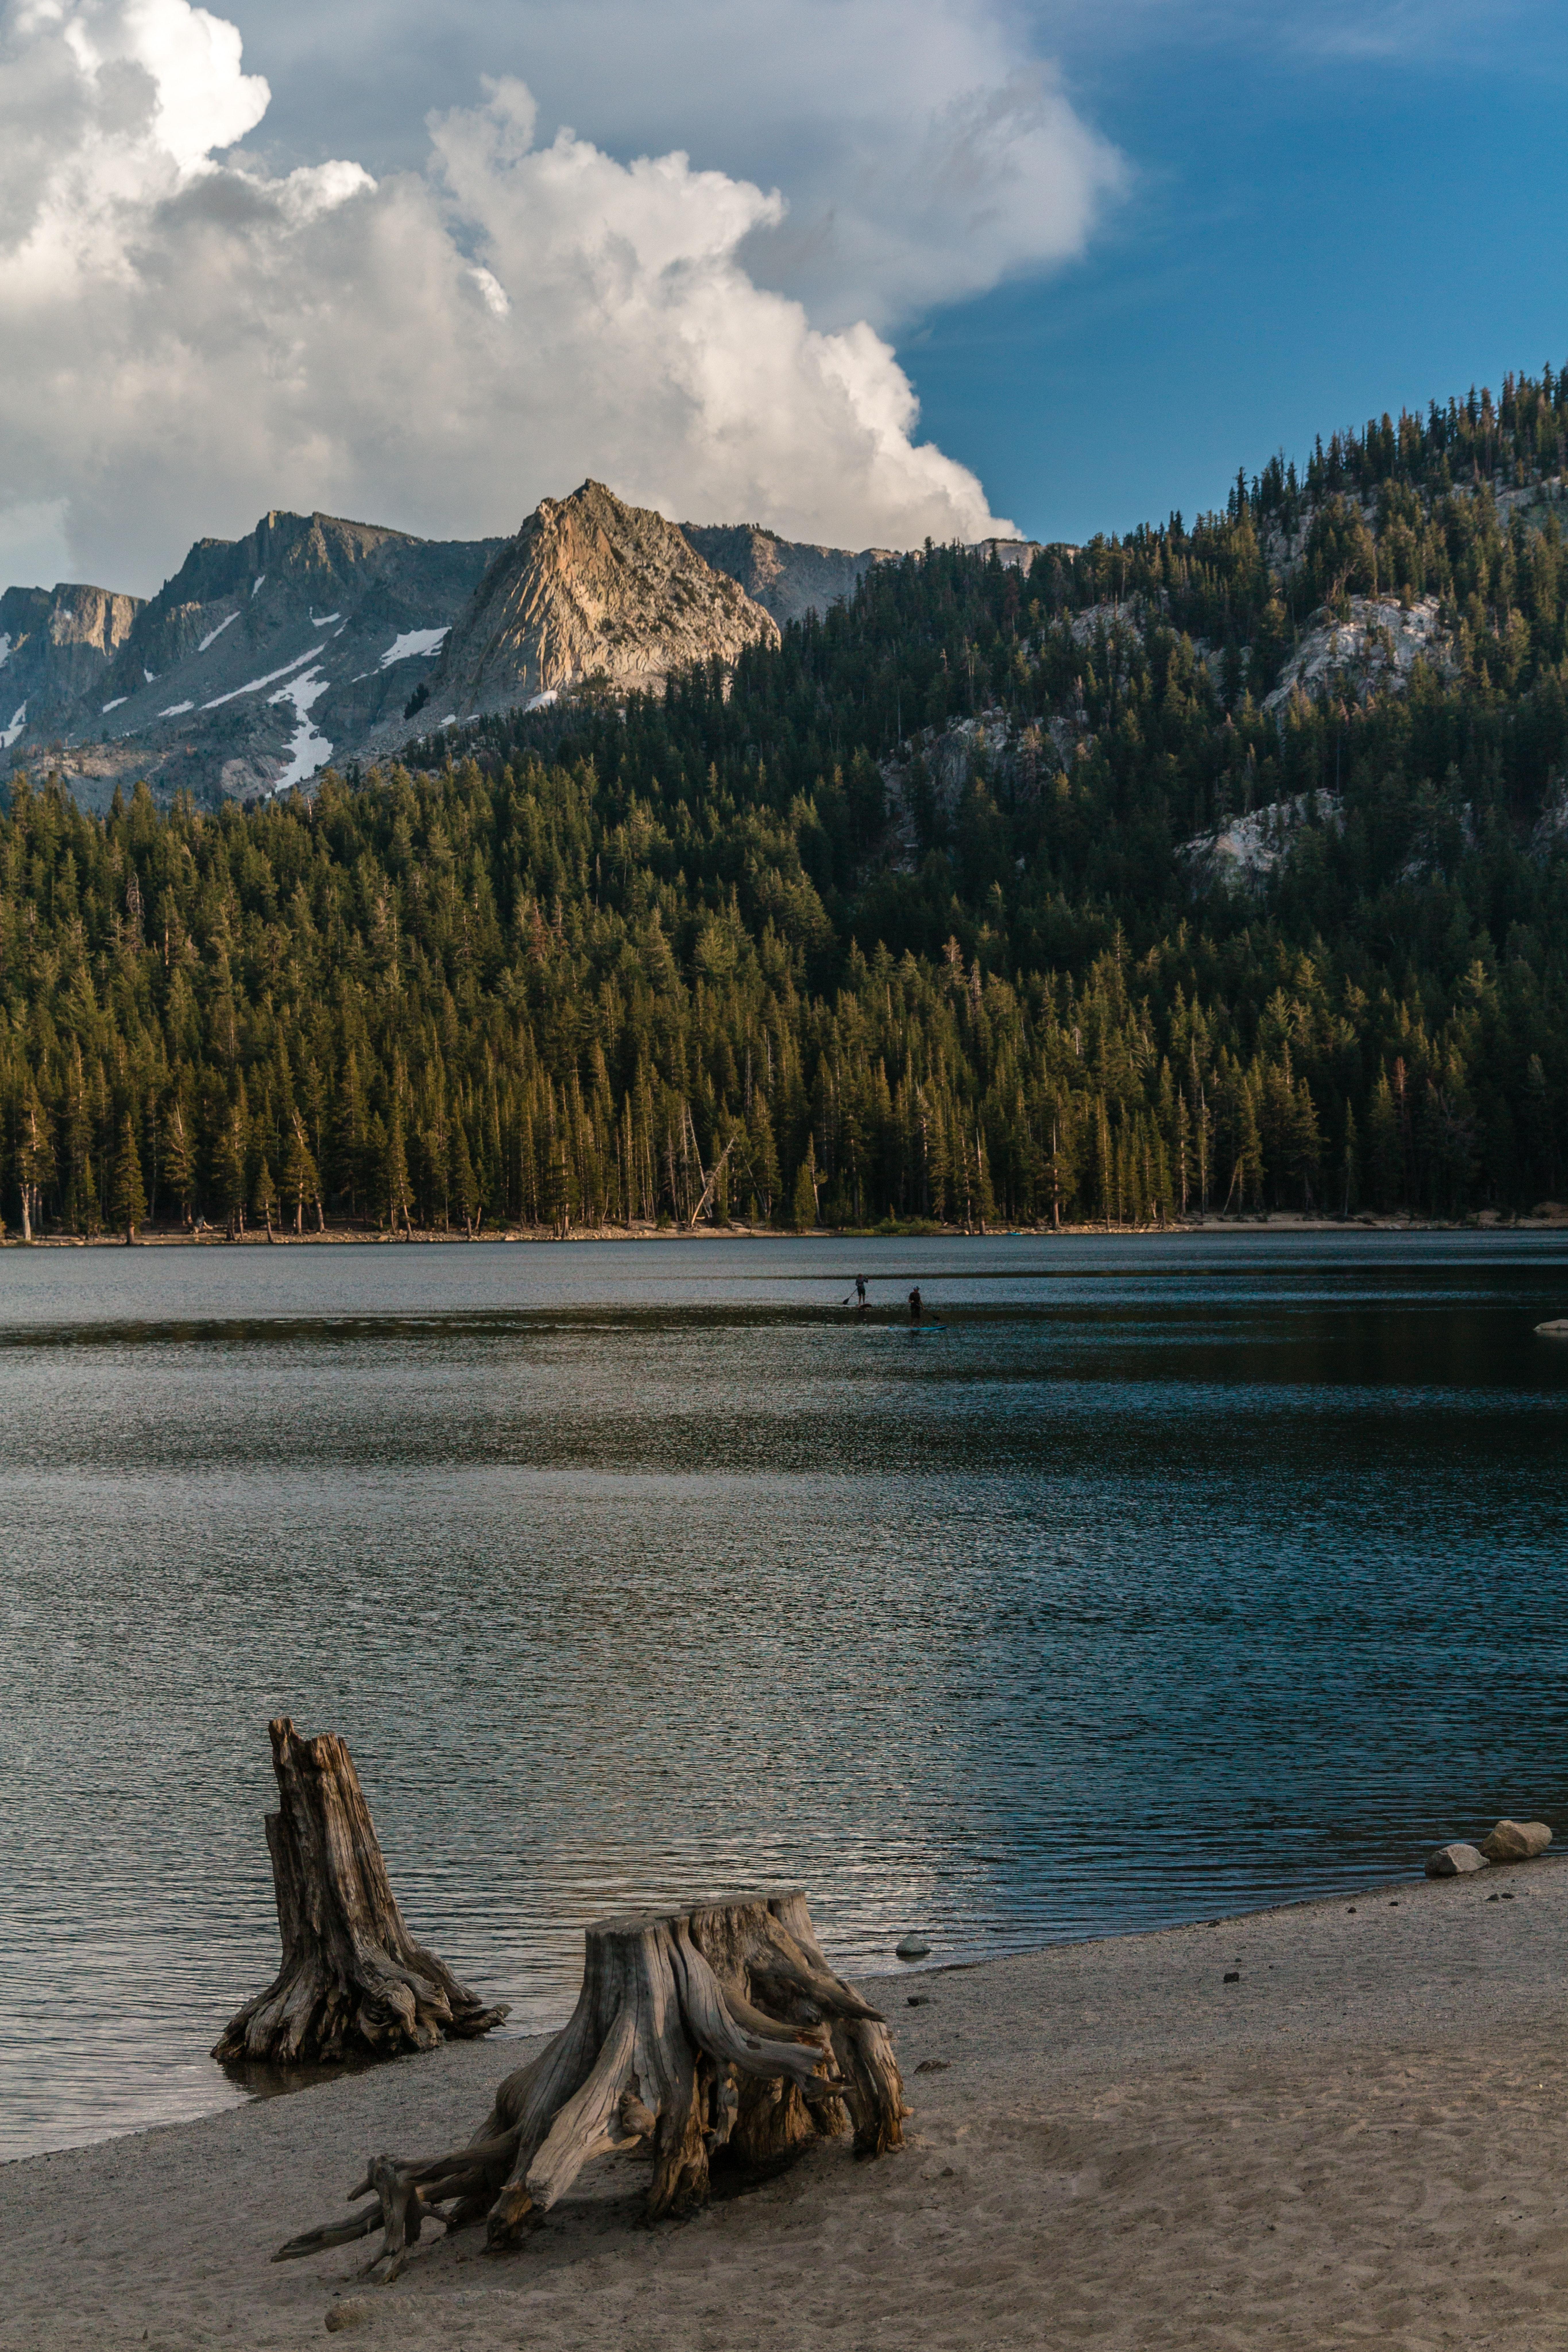 autumn-california-conifer-2900784